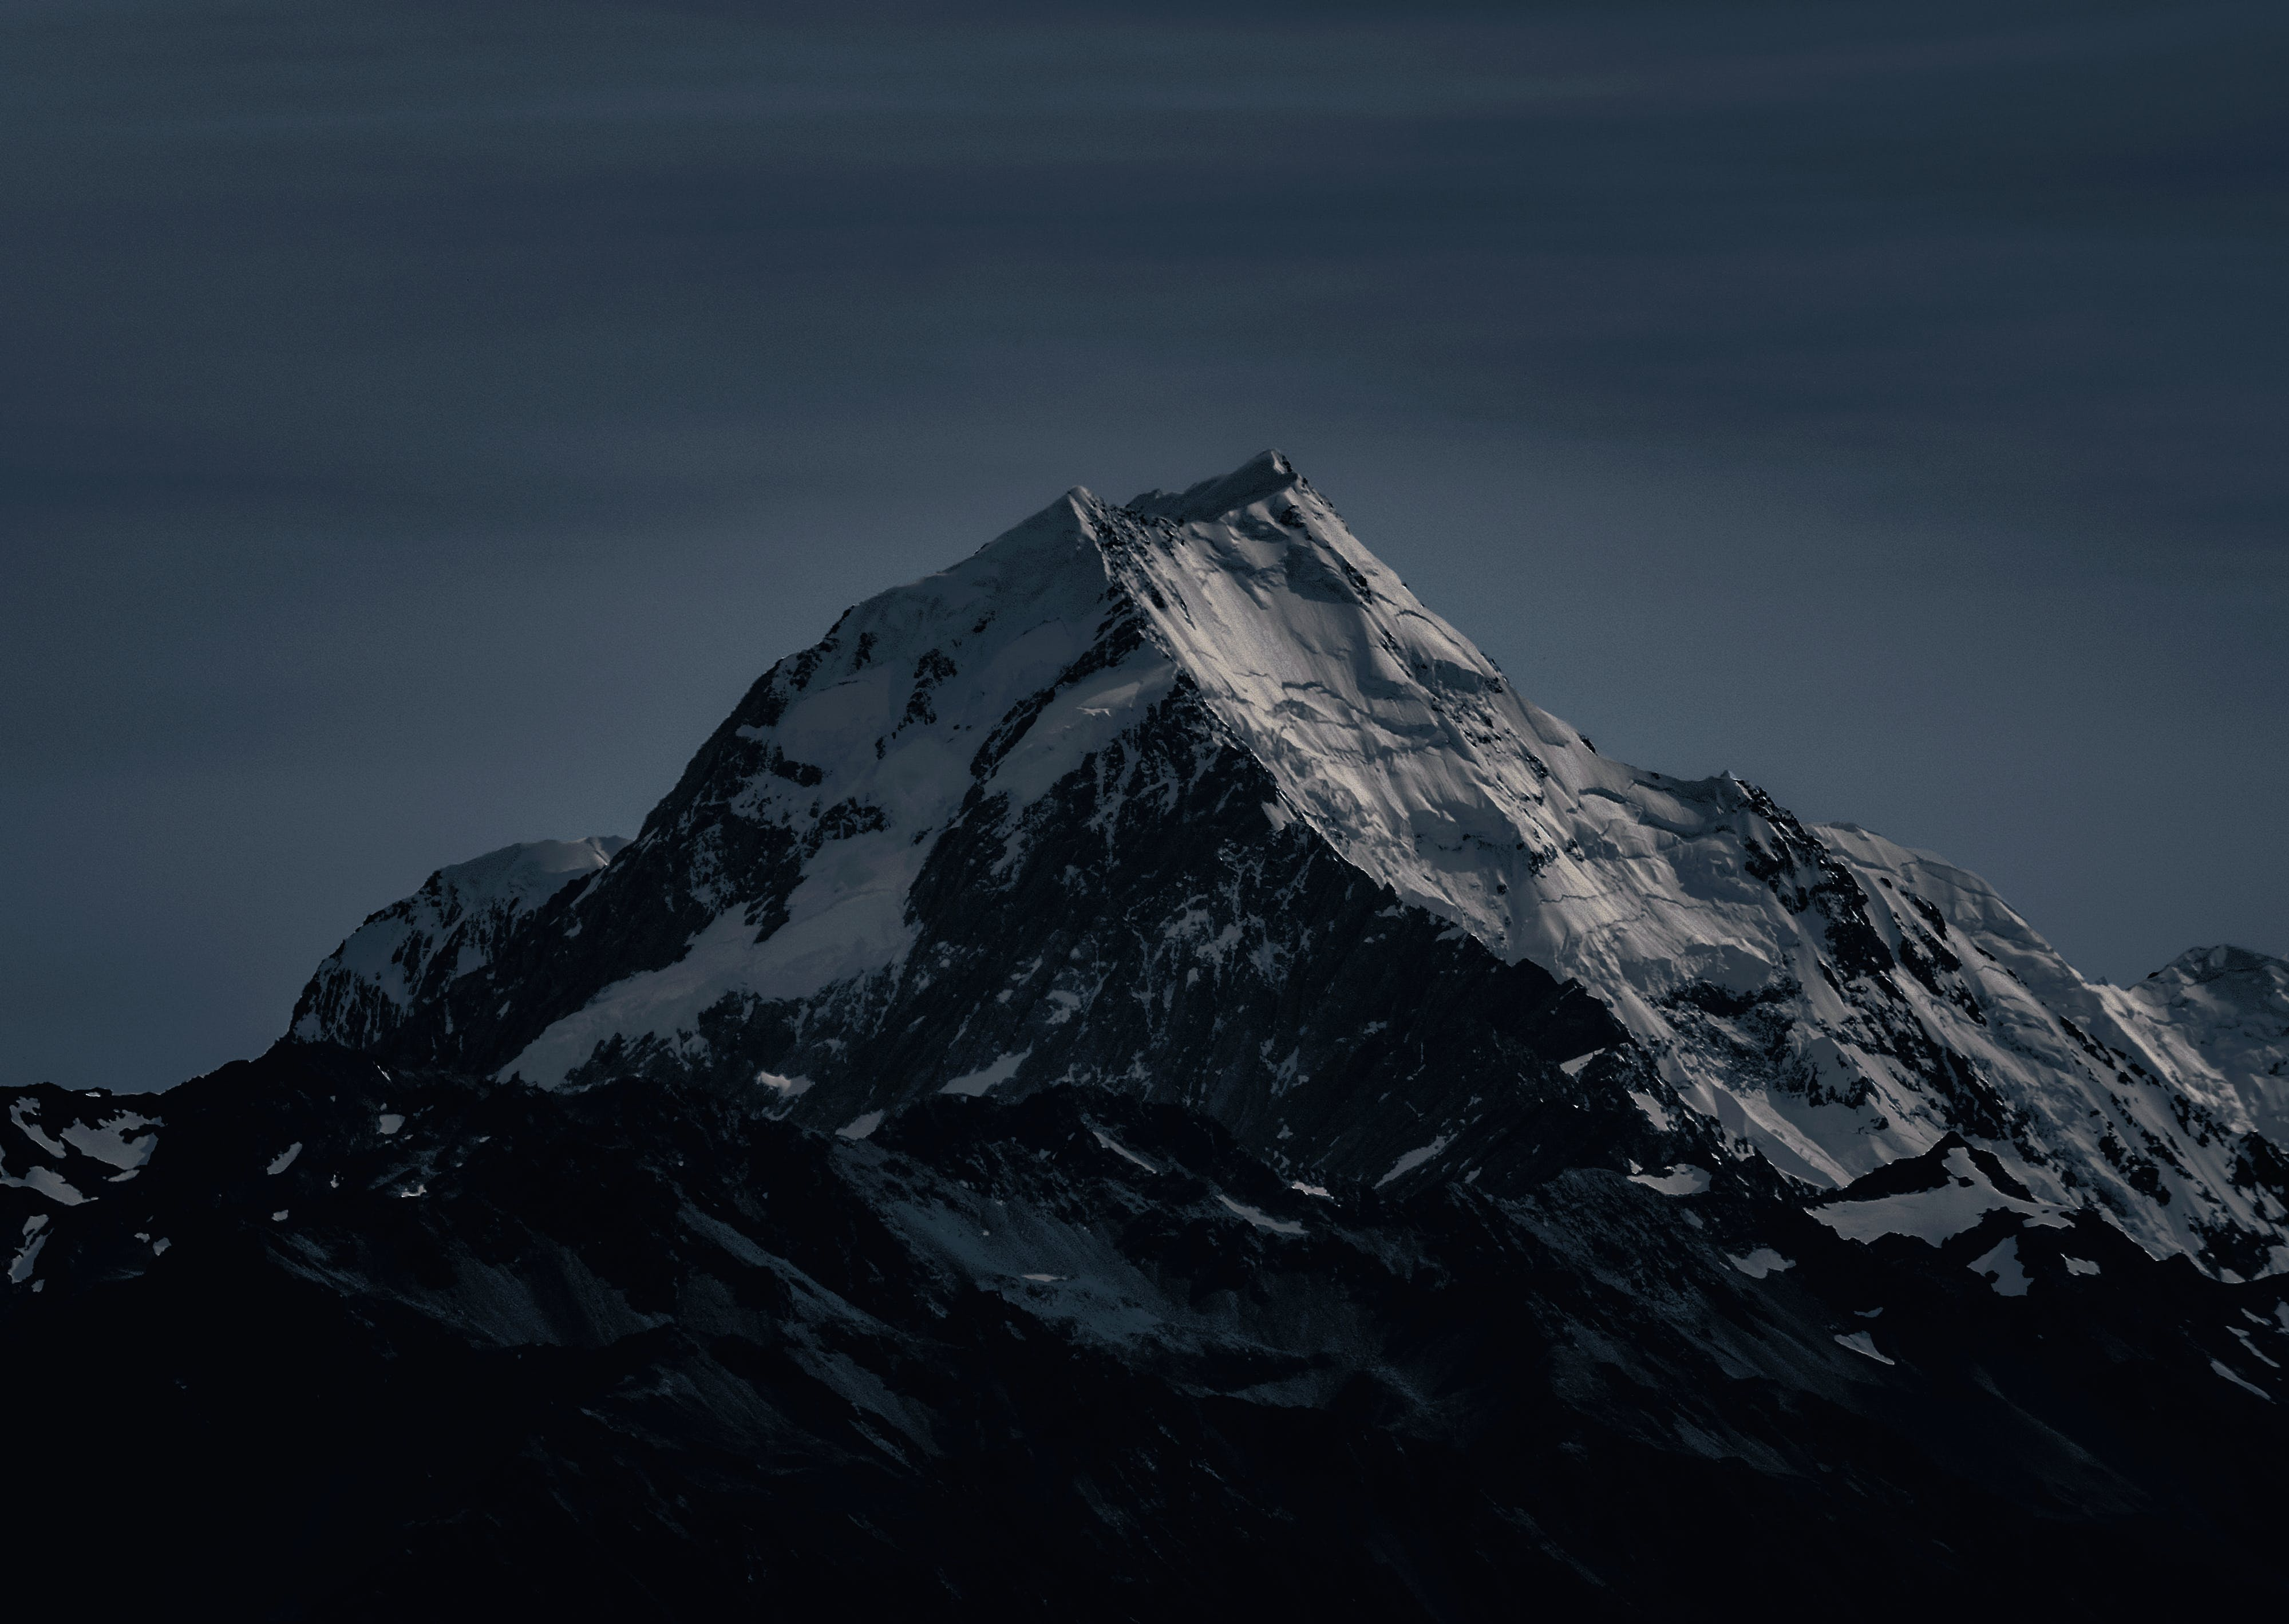 Безкоштовне стокове фото на тему «вечір, високий, гора, дослідження»